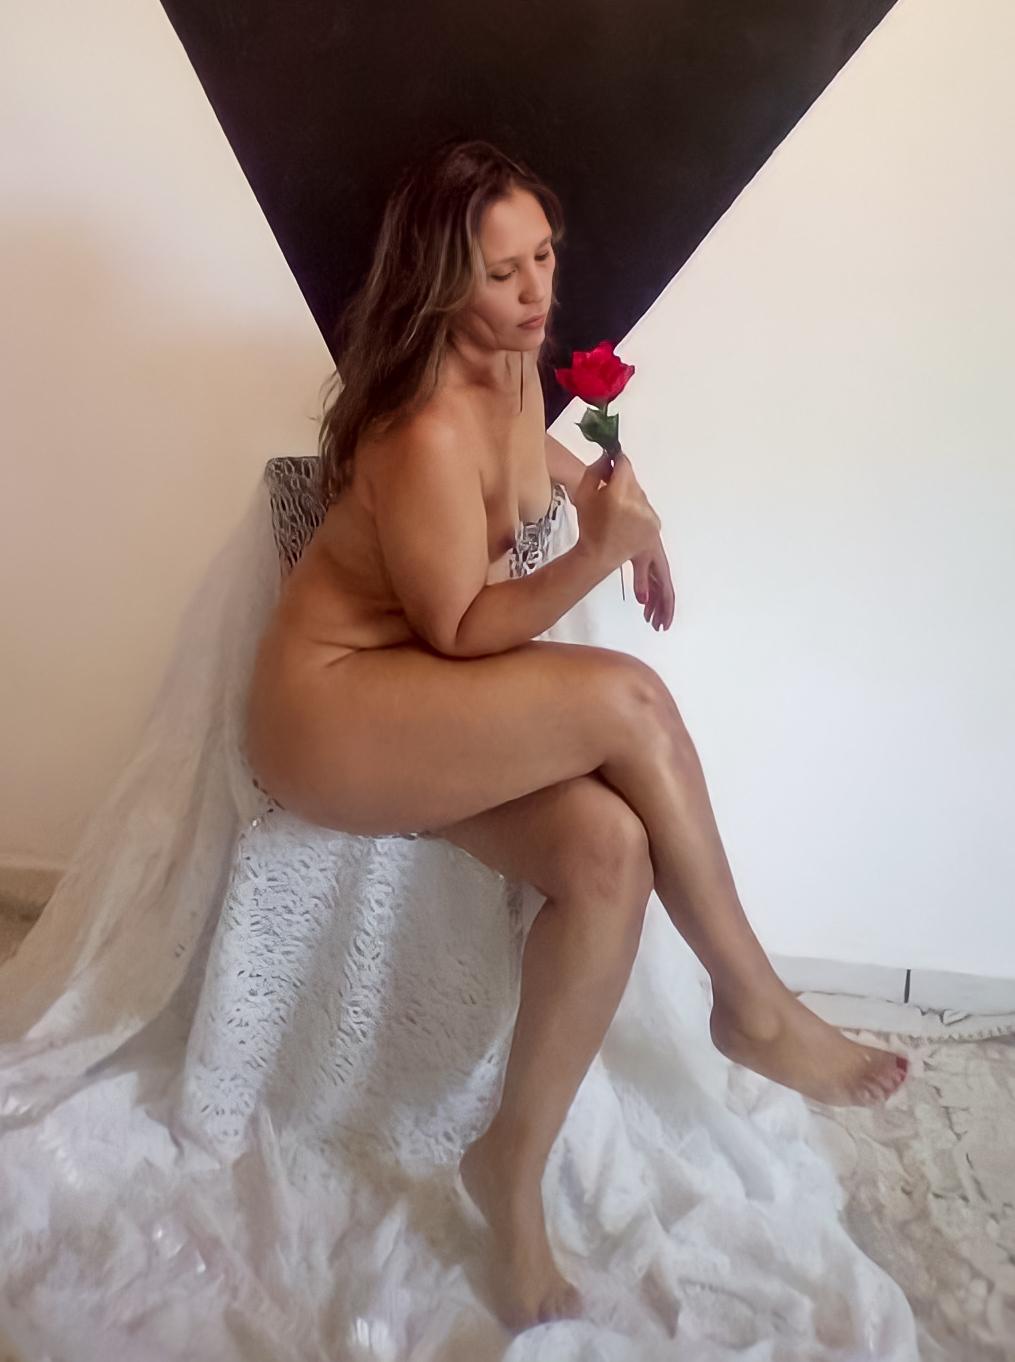 Imagem capa - Vivi Fontana - 43 anos - Ser Mulher é Incrível por Essência Nua